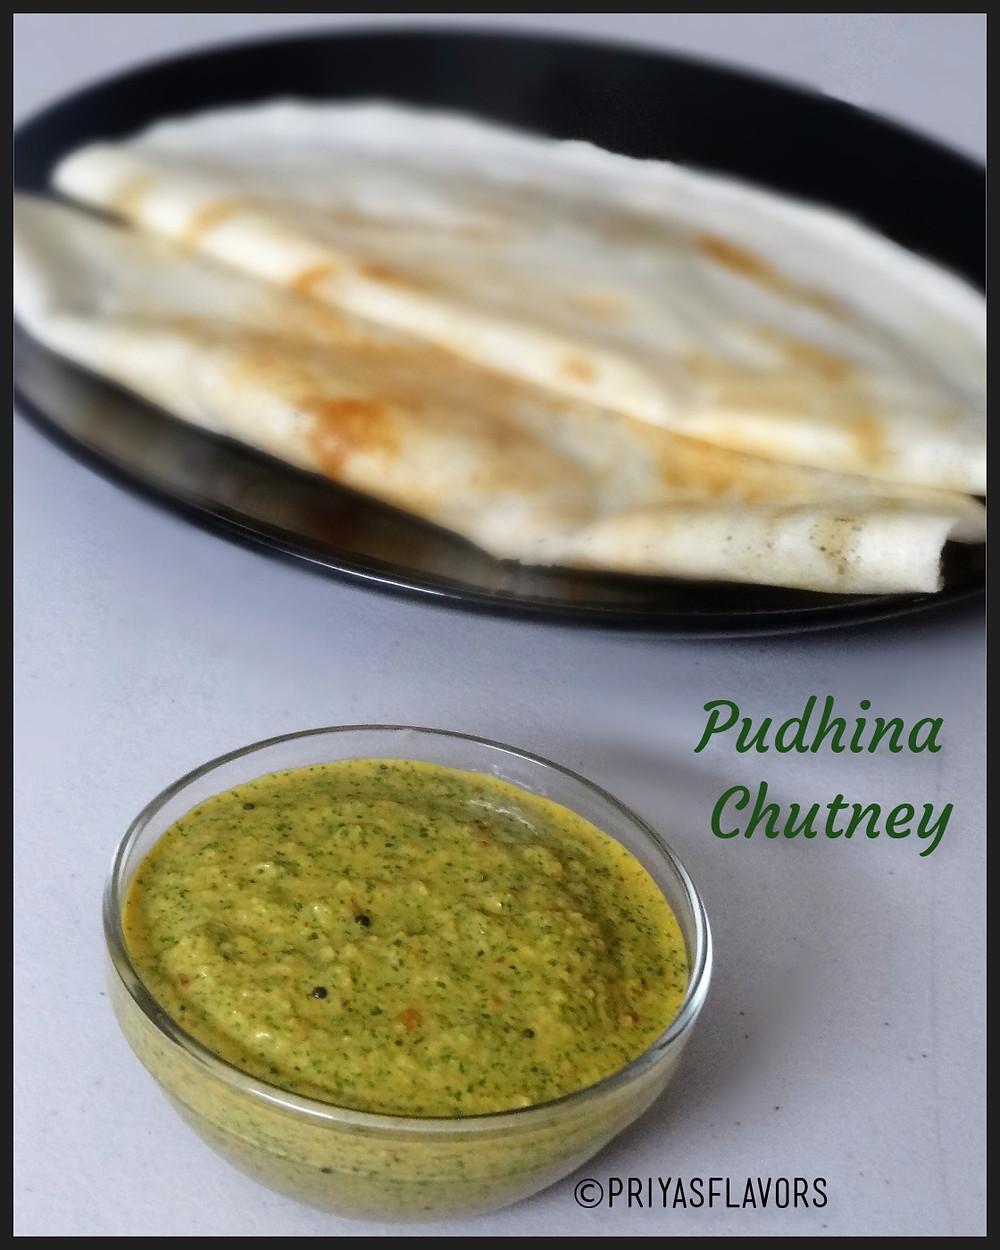 pudhina chutney